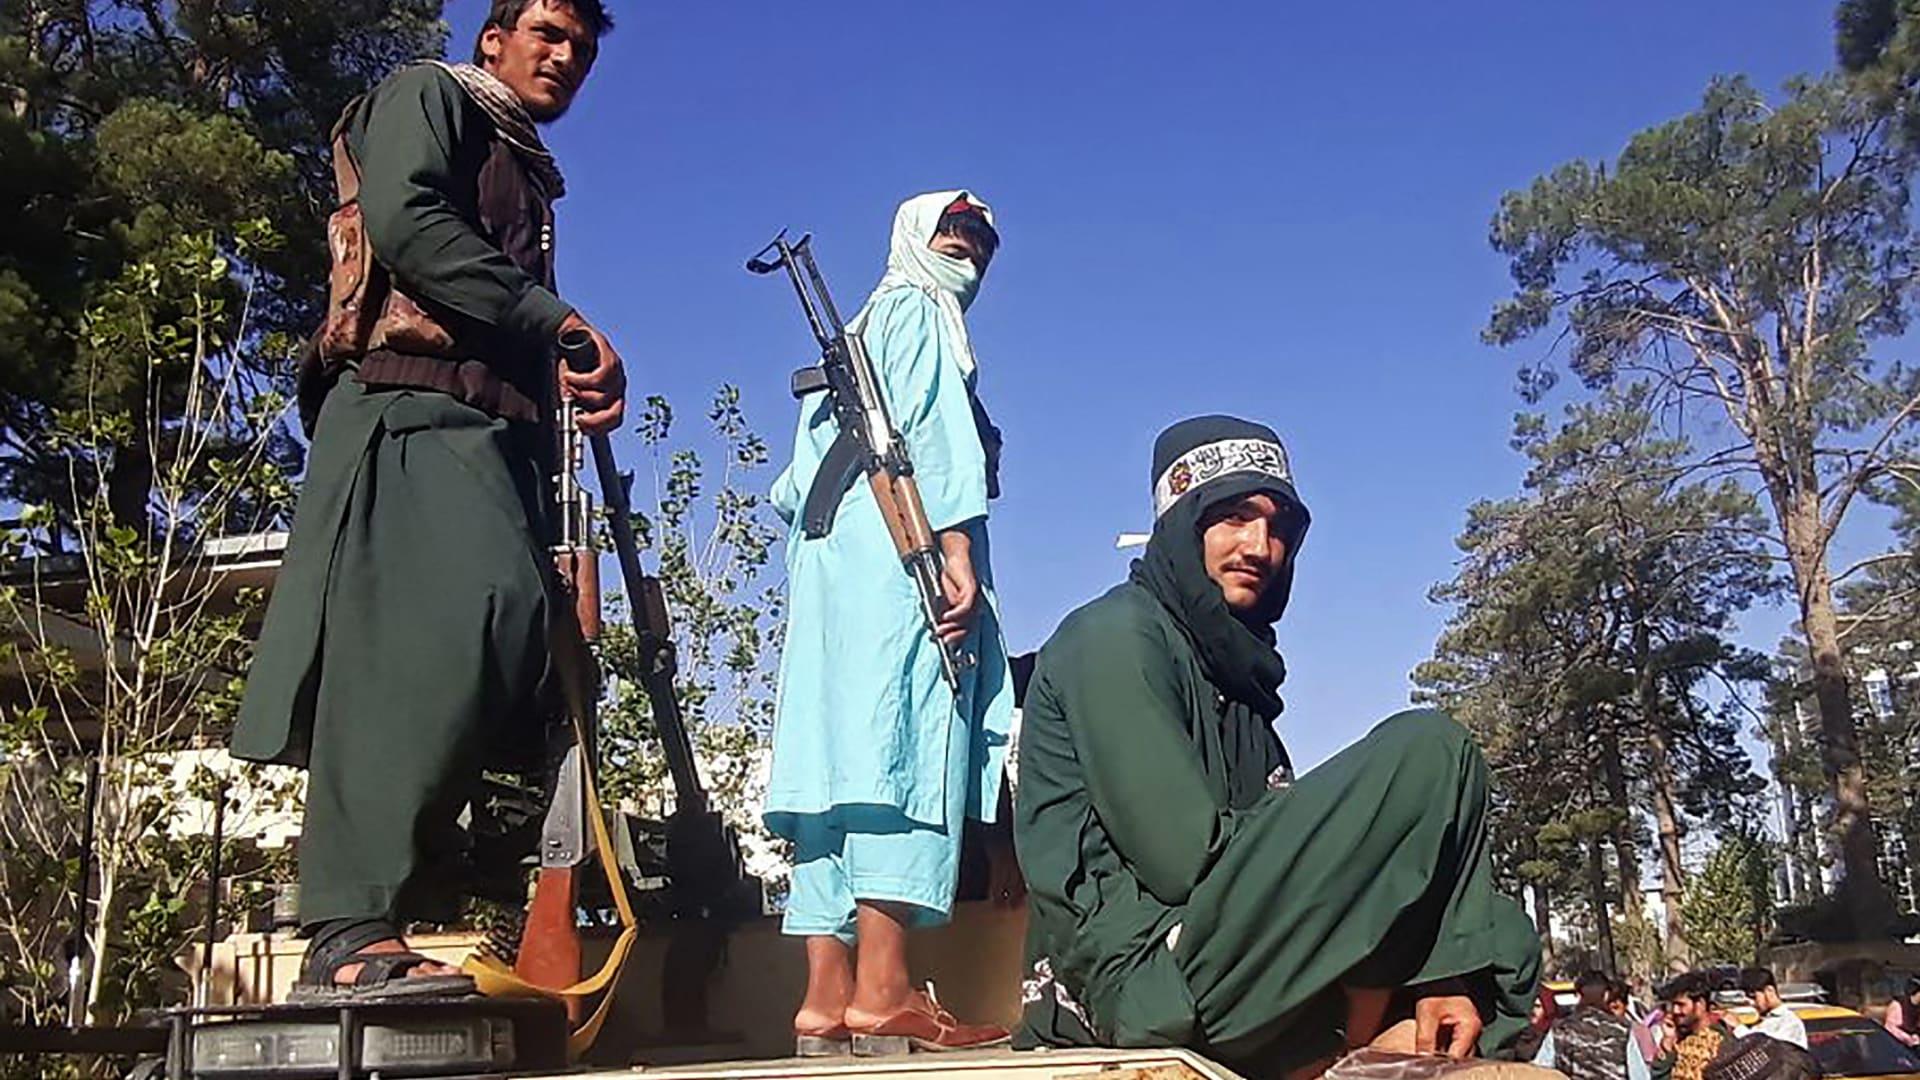 فيديو نشرته حركة طالبان لاحتفالات النصر والسيطرة على مبنى الحاكم في قندهار